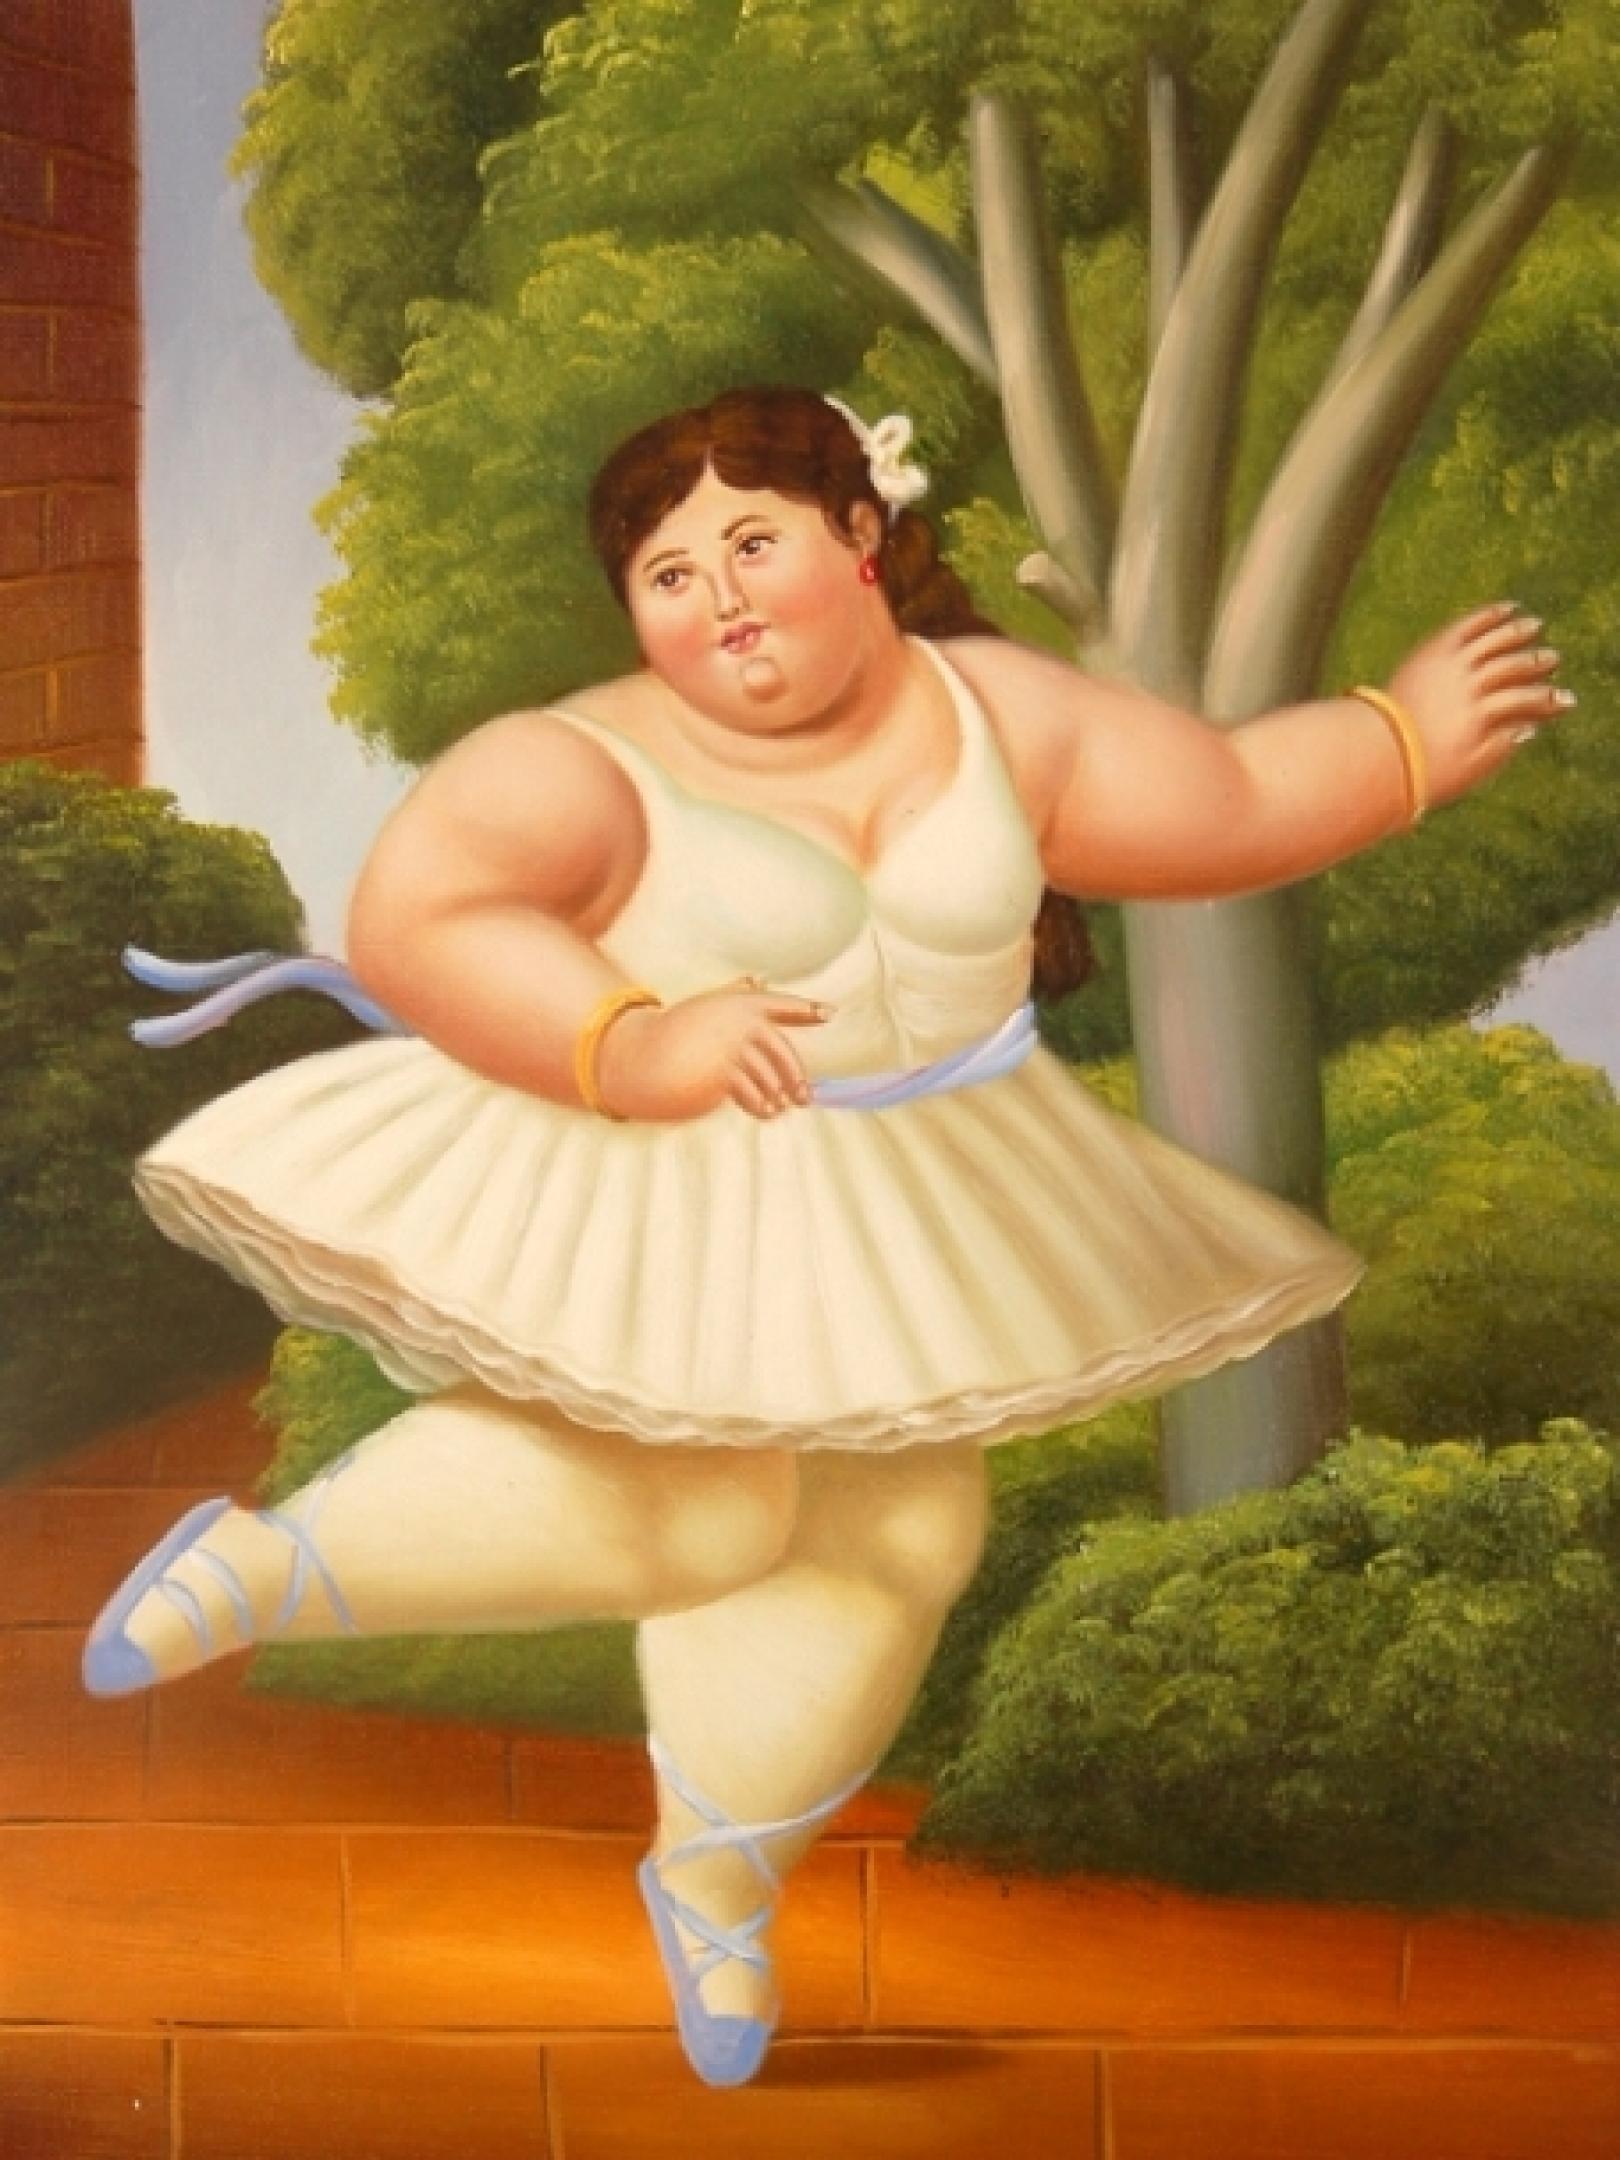 Картинки с толстыми девочками приколы, февраля поздравление